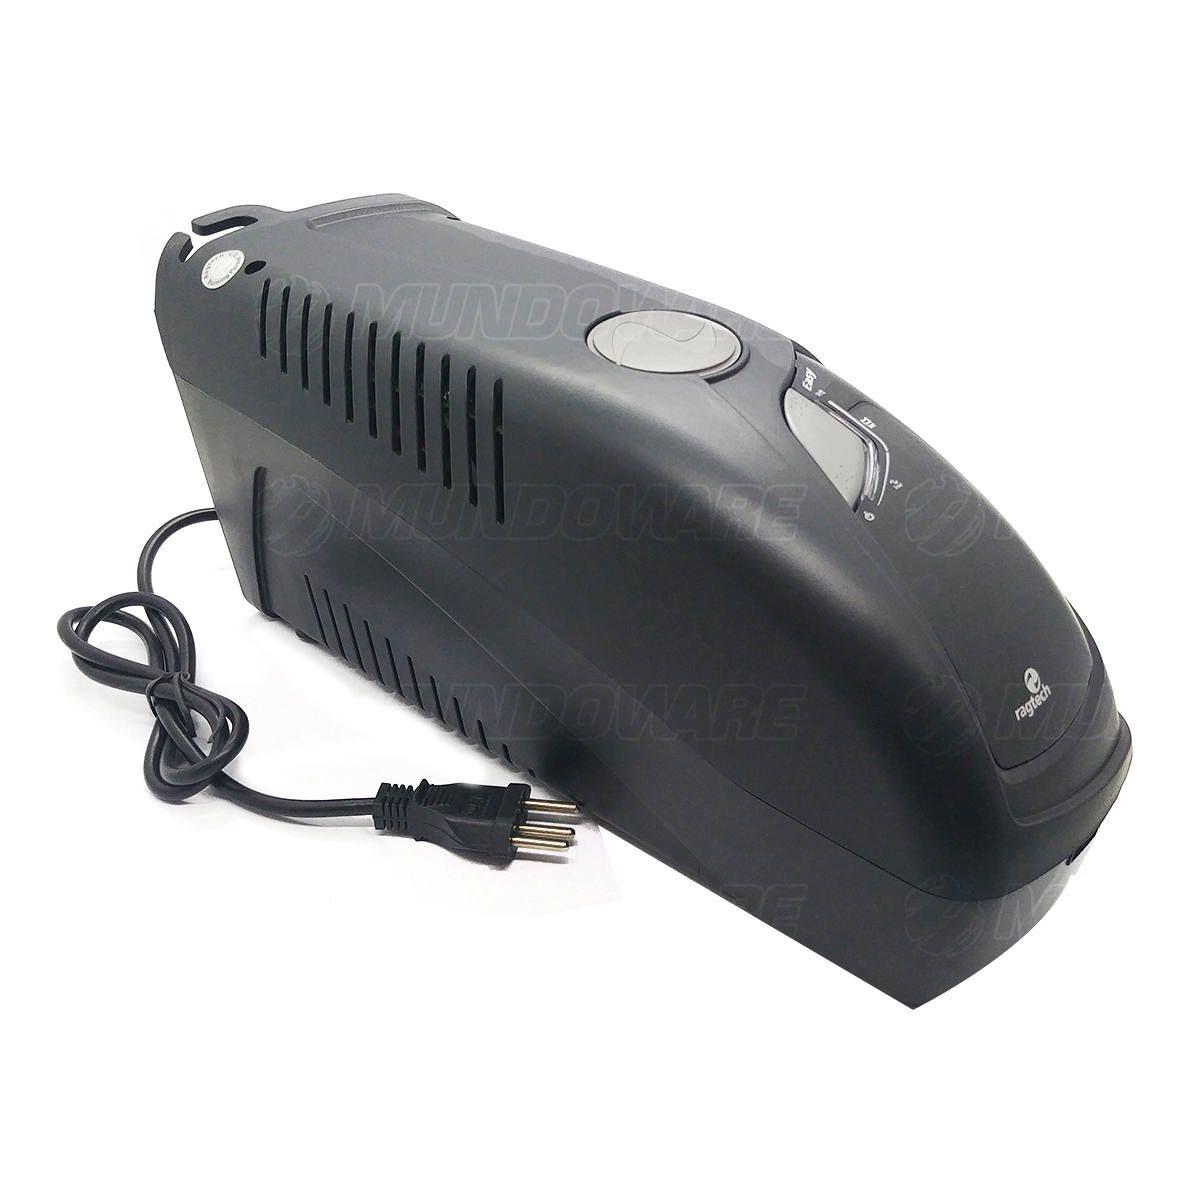 Nobreak 1200VA 600W Conector de Bateria Externa Trivolt 6 Tomadas 3 em 1 Estabilizador e Filtro Ragtech EasyWay 4141